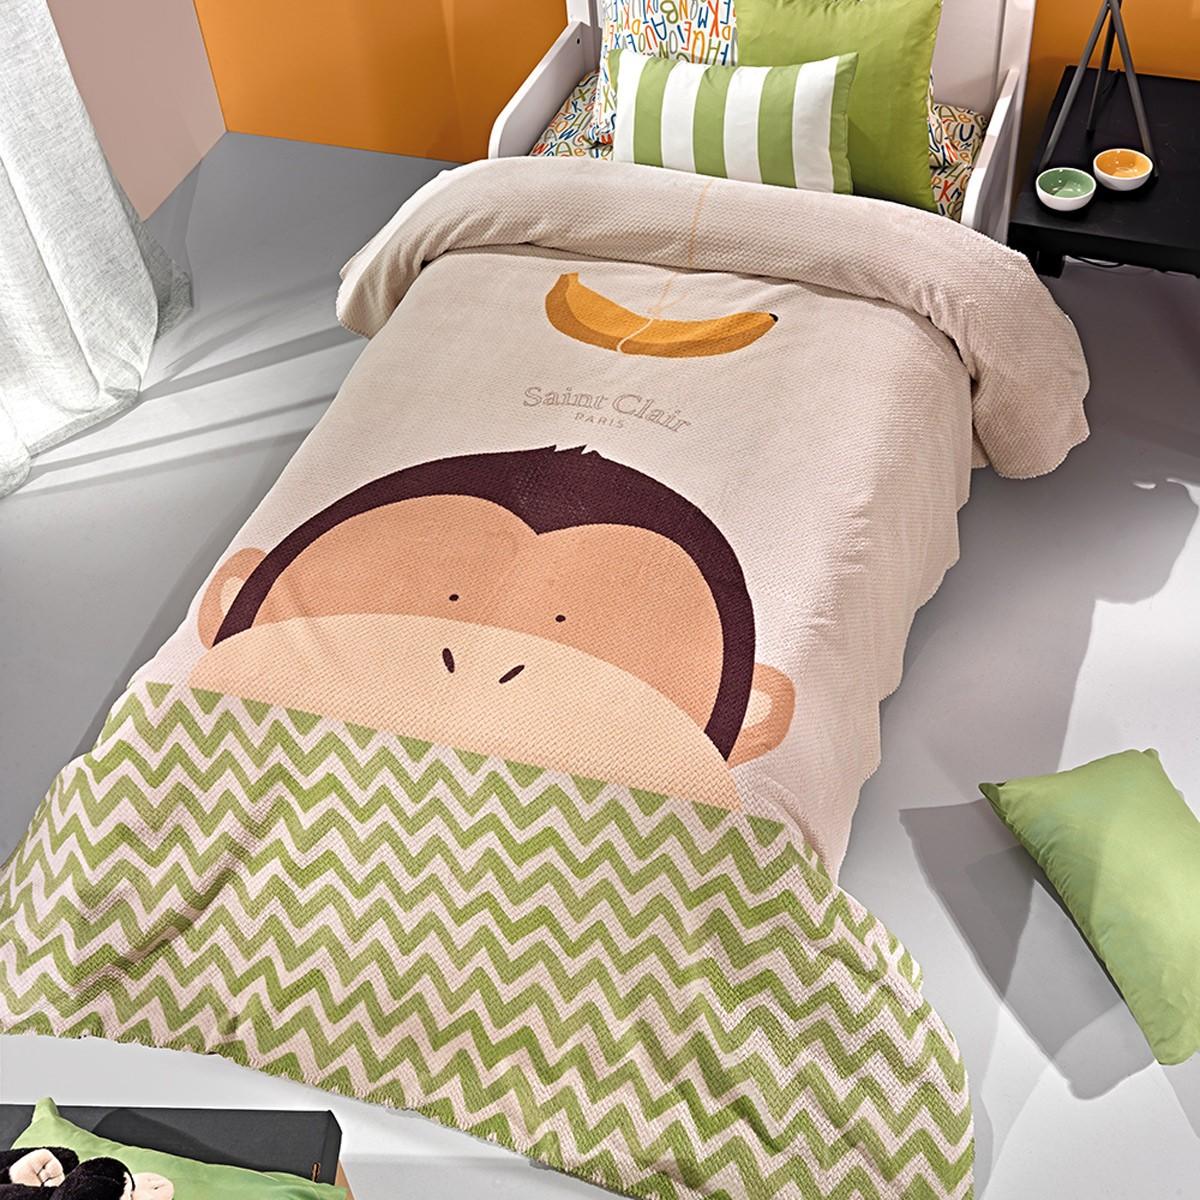 Κουβέρτα Fleece Μονή Saint Clair Ultra Soft Banana